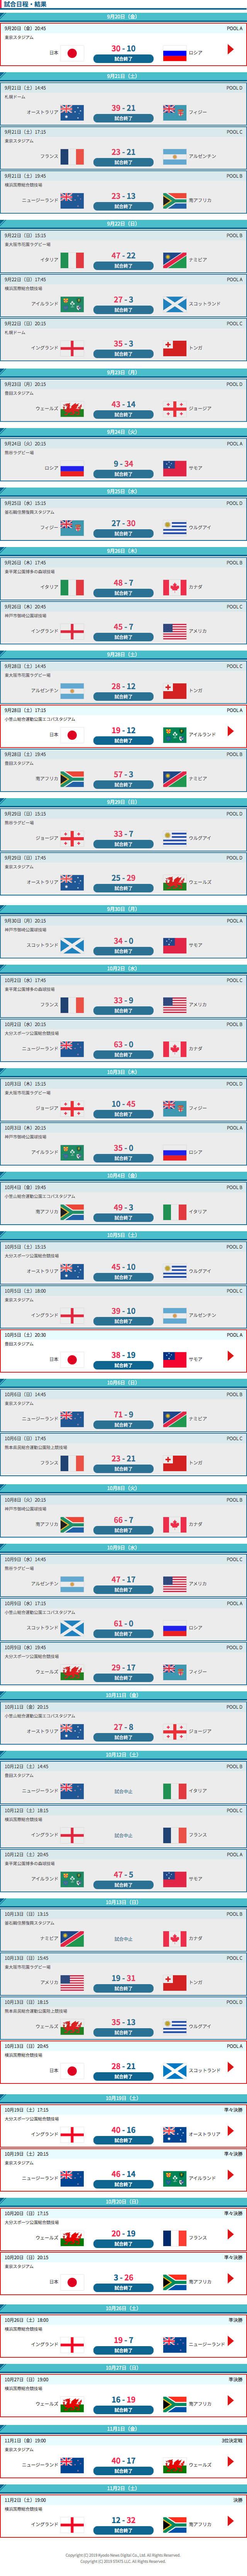 カップ ラグビー 2019 ワールド